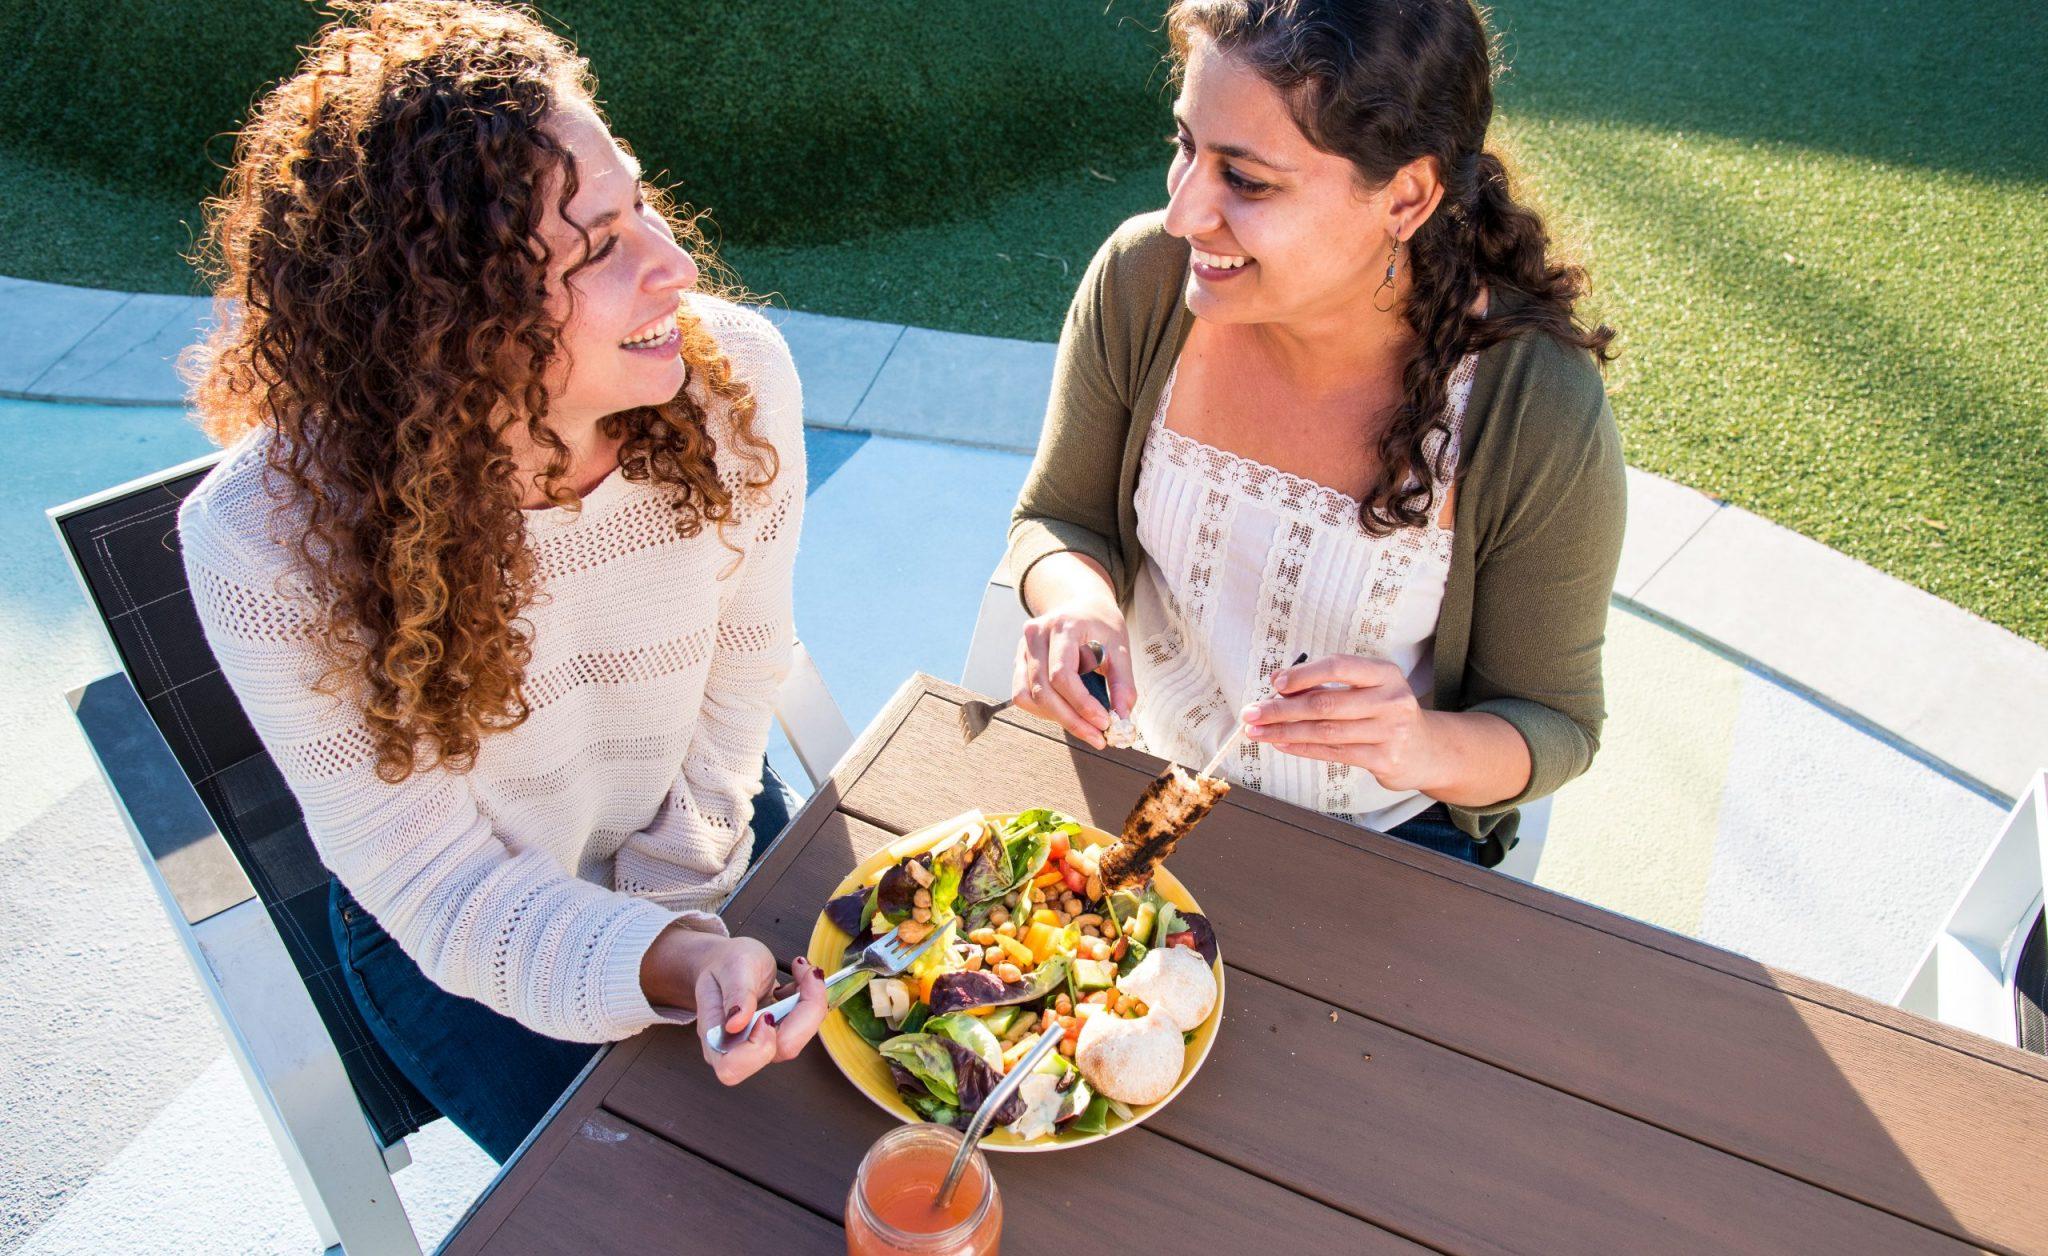 two women eating salad, smiling